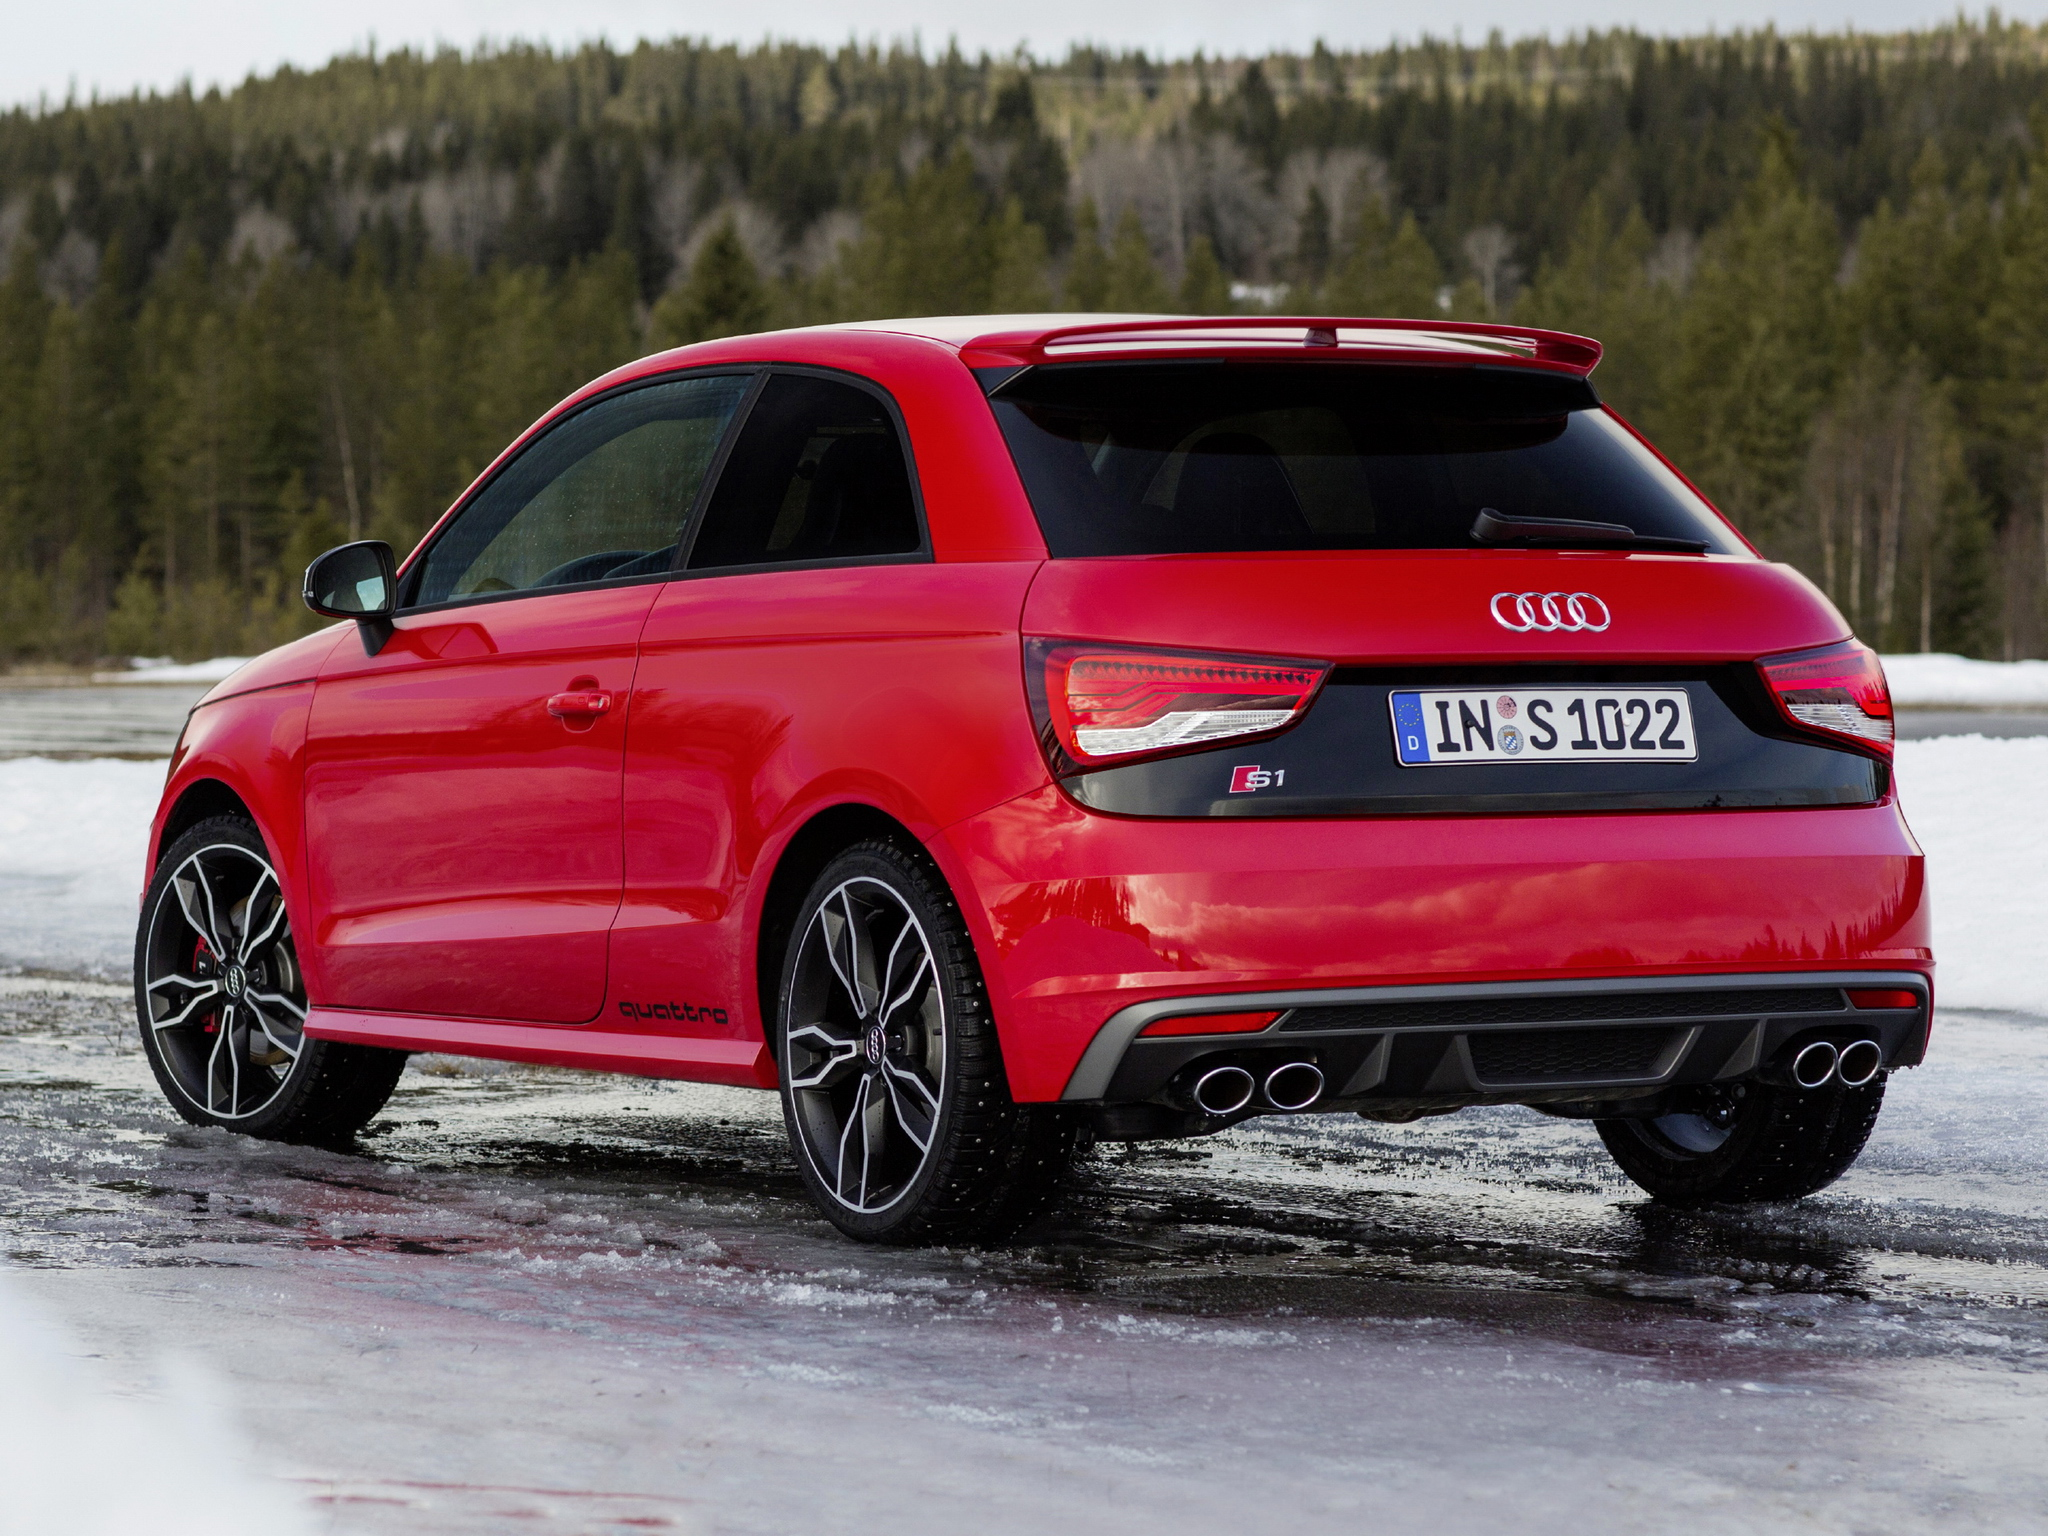 Mini Cooper Evolution >> Audi S1 Coming in 2019 With 250 HP and quattro - autoevolution